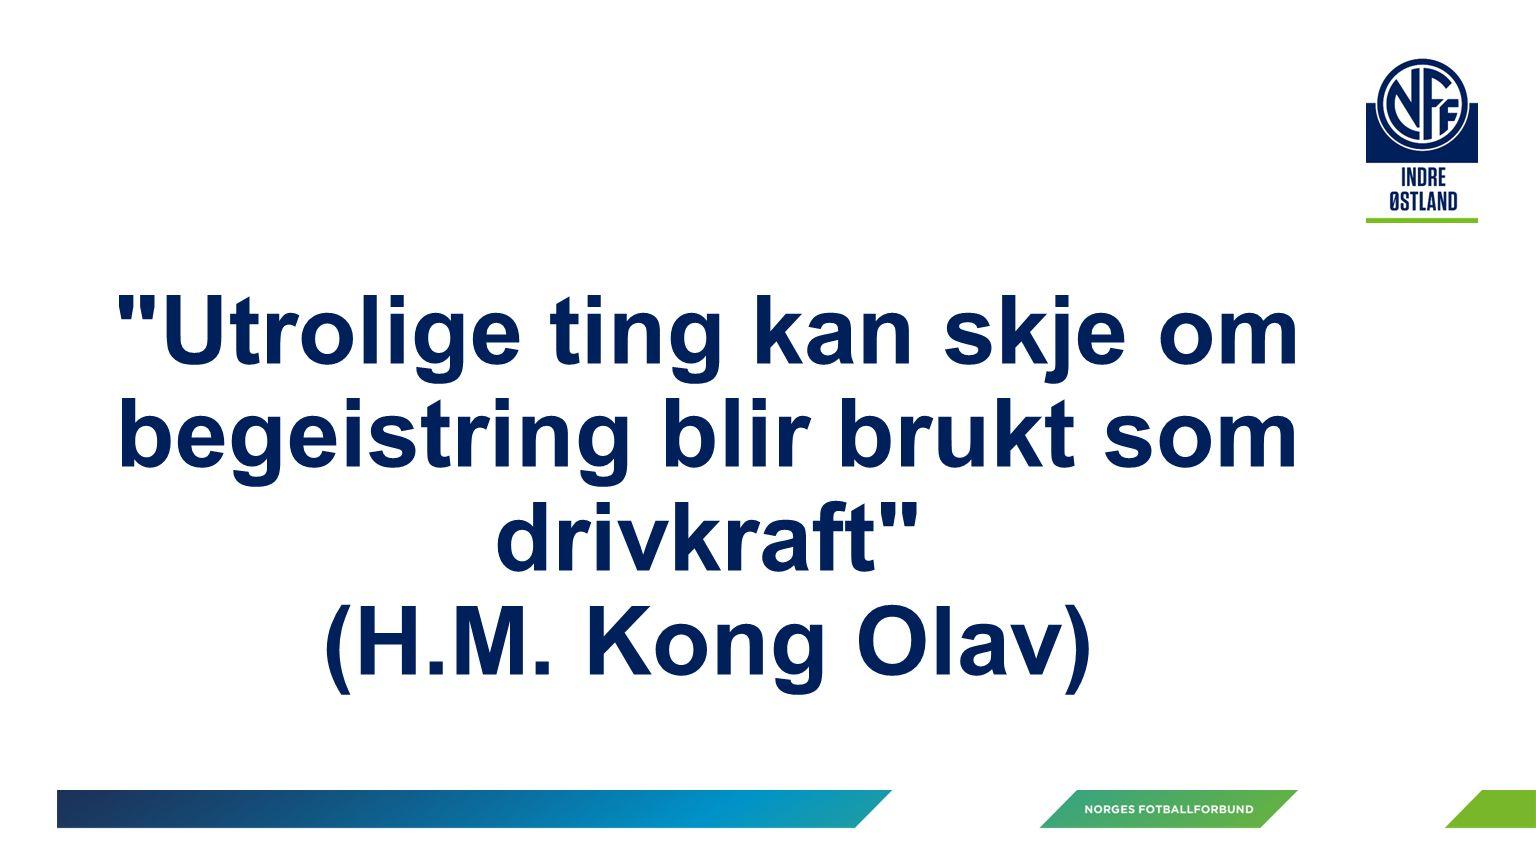 Utrolige ting kan skje om begeistring blir brukt som drivkraft (H.M. Kong Olav)